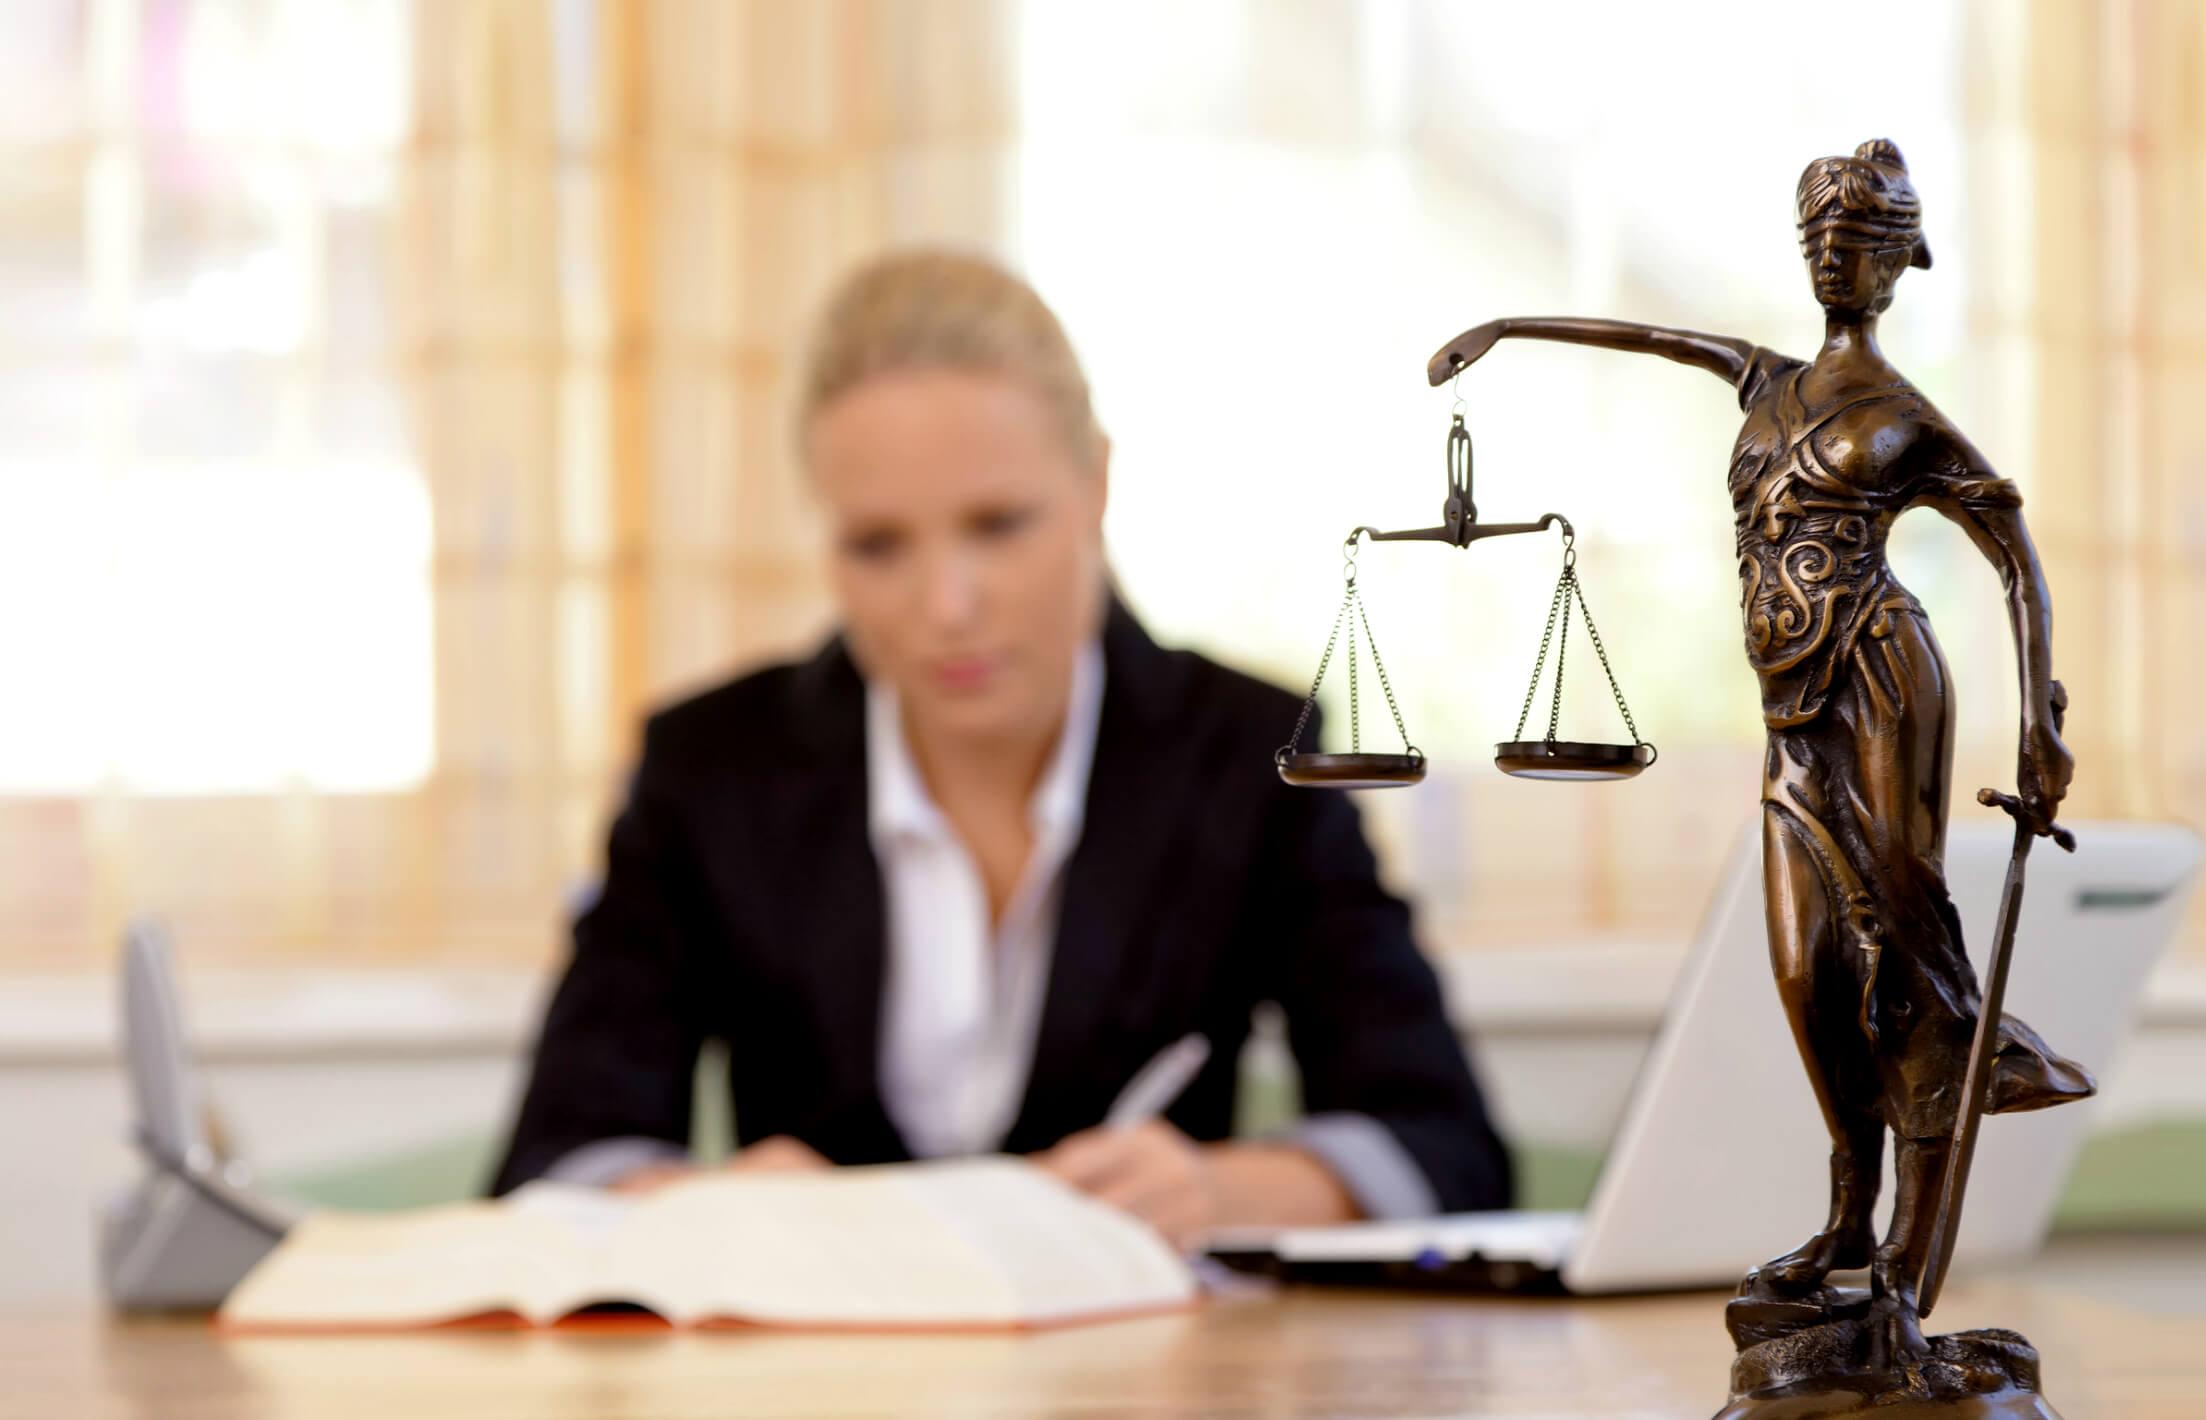 решением суда почти со 100% вероятностью будет удовлетворить претензии банка.